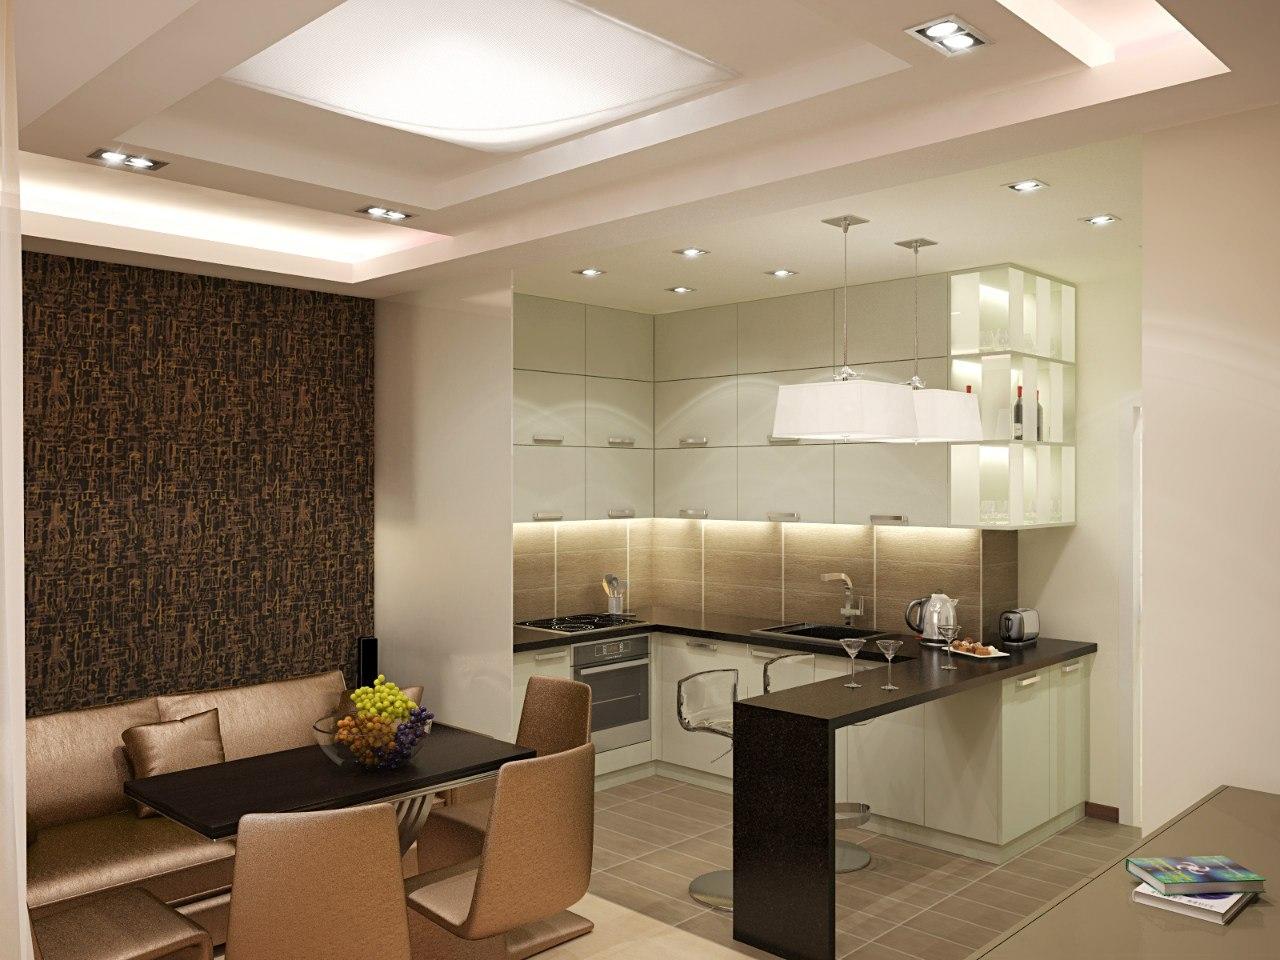 Интерьер кухни столовой фото.